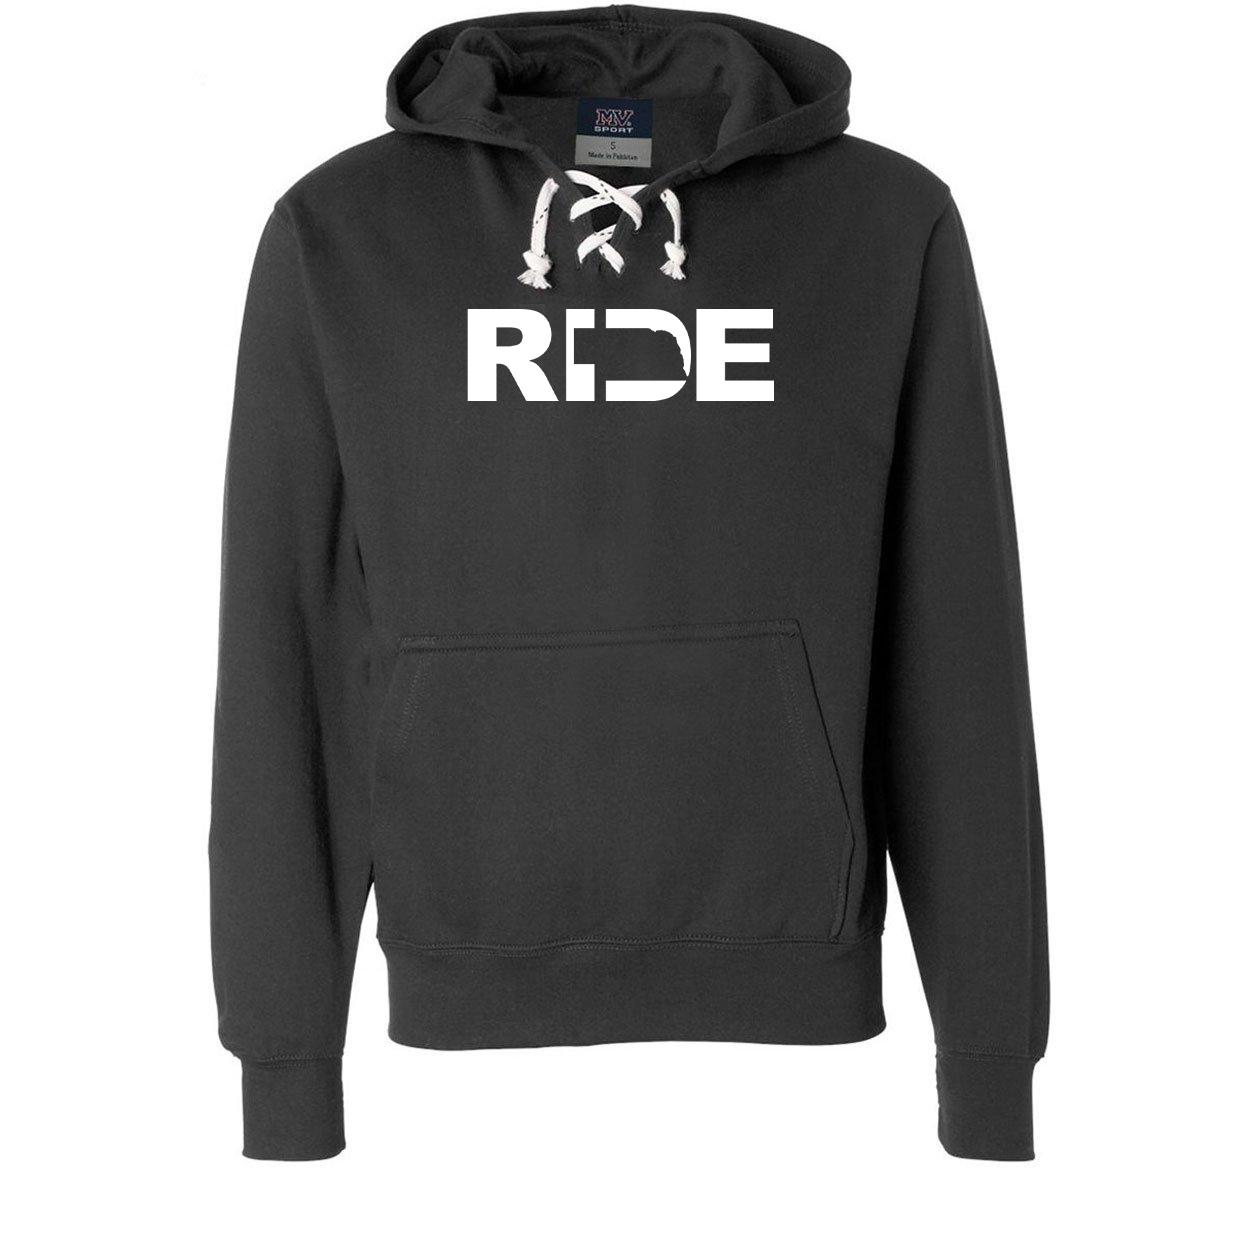 Ride Nebraska Classic Unisex Premium Hockey Sweatshirt Black (White Logo)